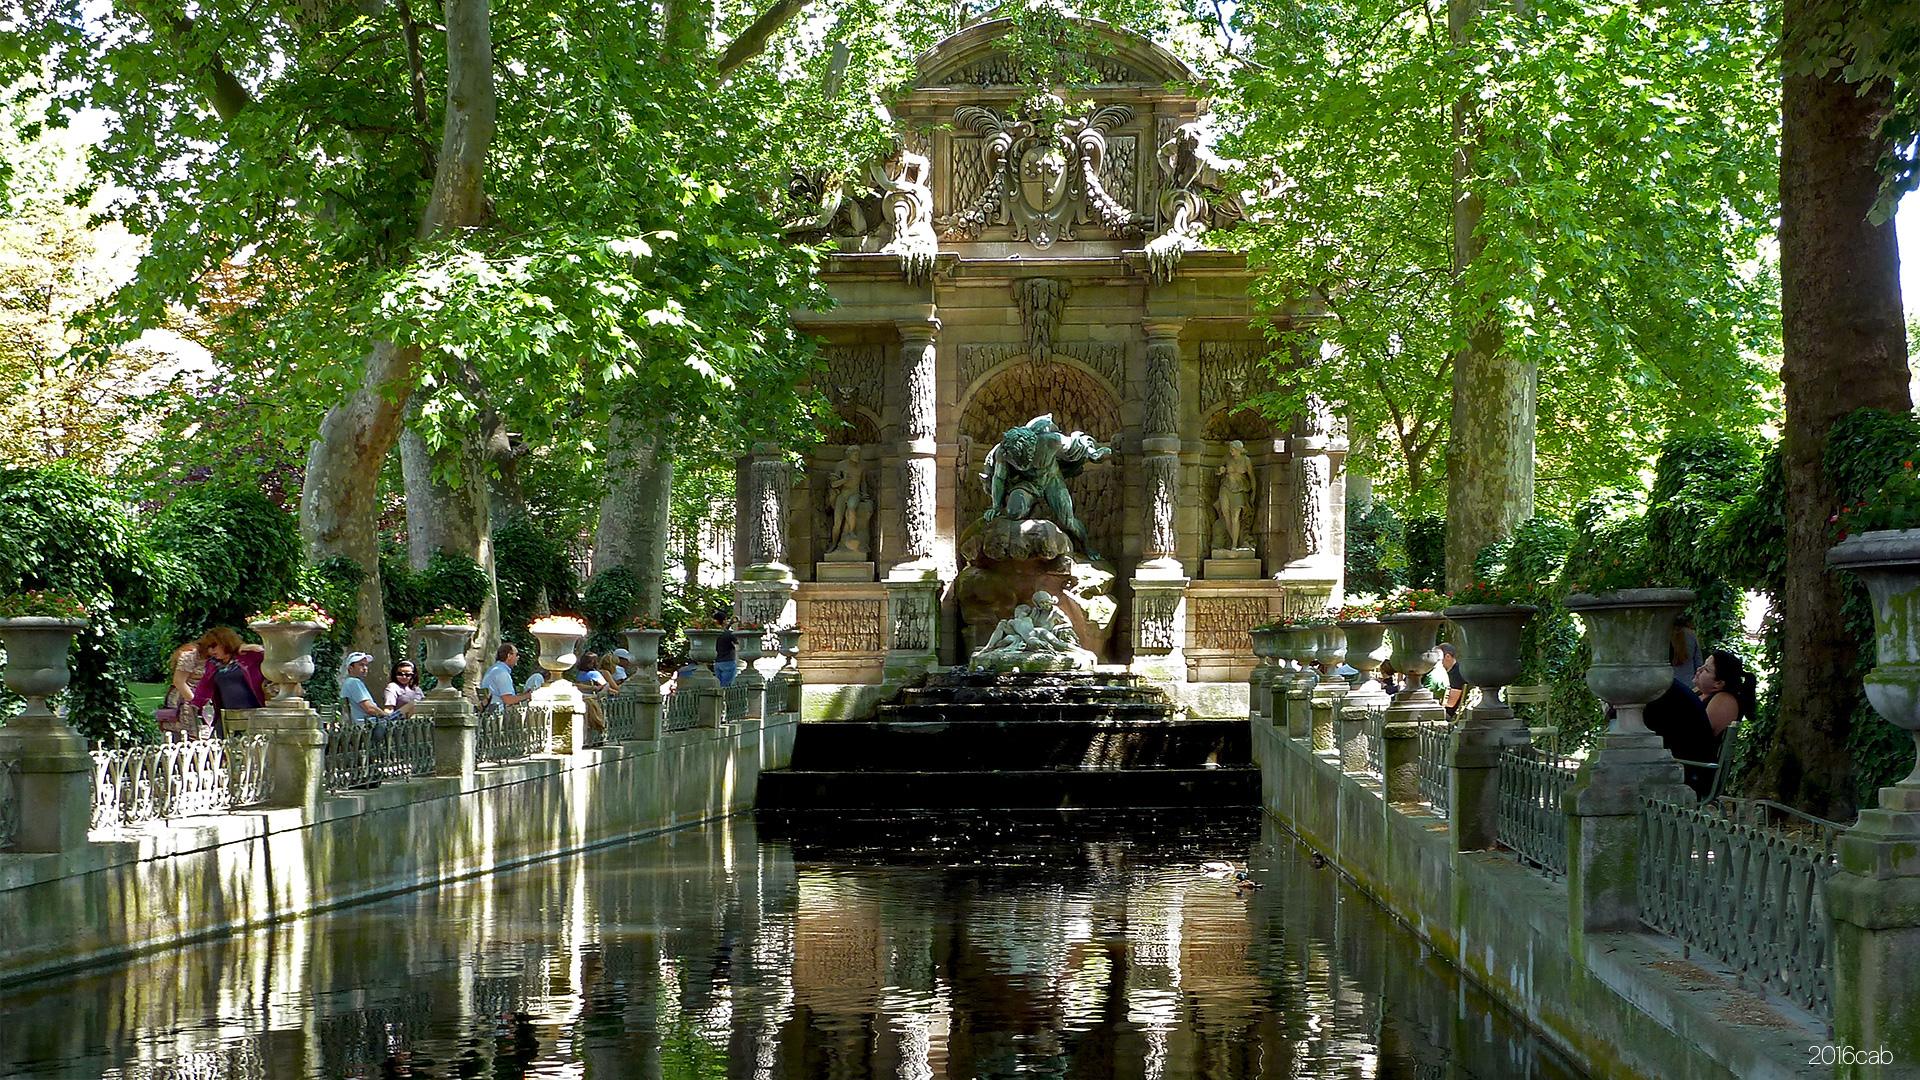 Fontaine-Medicis-jardins-du-Luxembourg-Paris-9-juin2013-1920x1080 Impressionnant De Le Bon Coin Abri De Jardin Concept